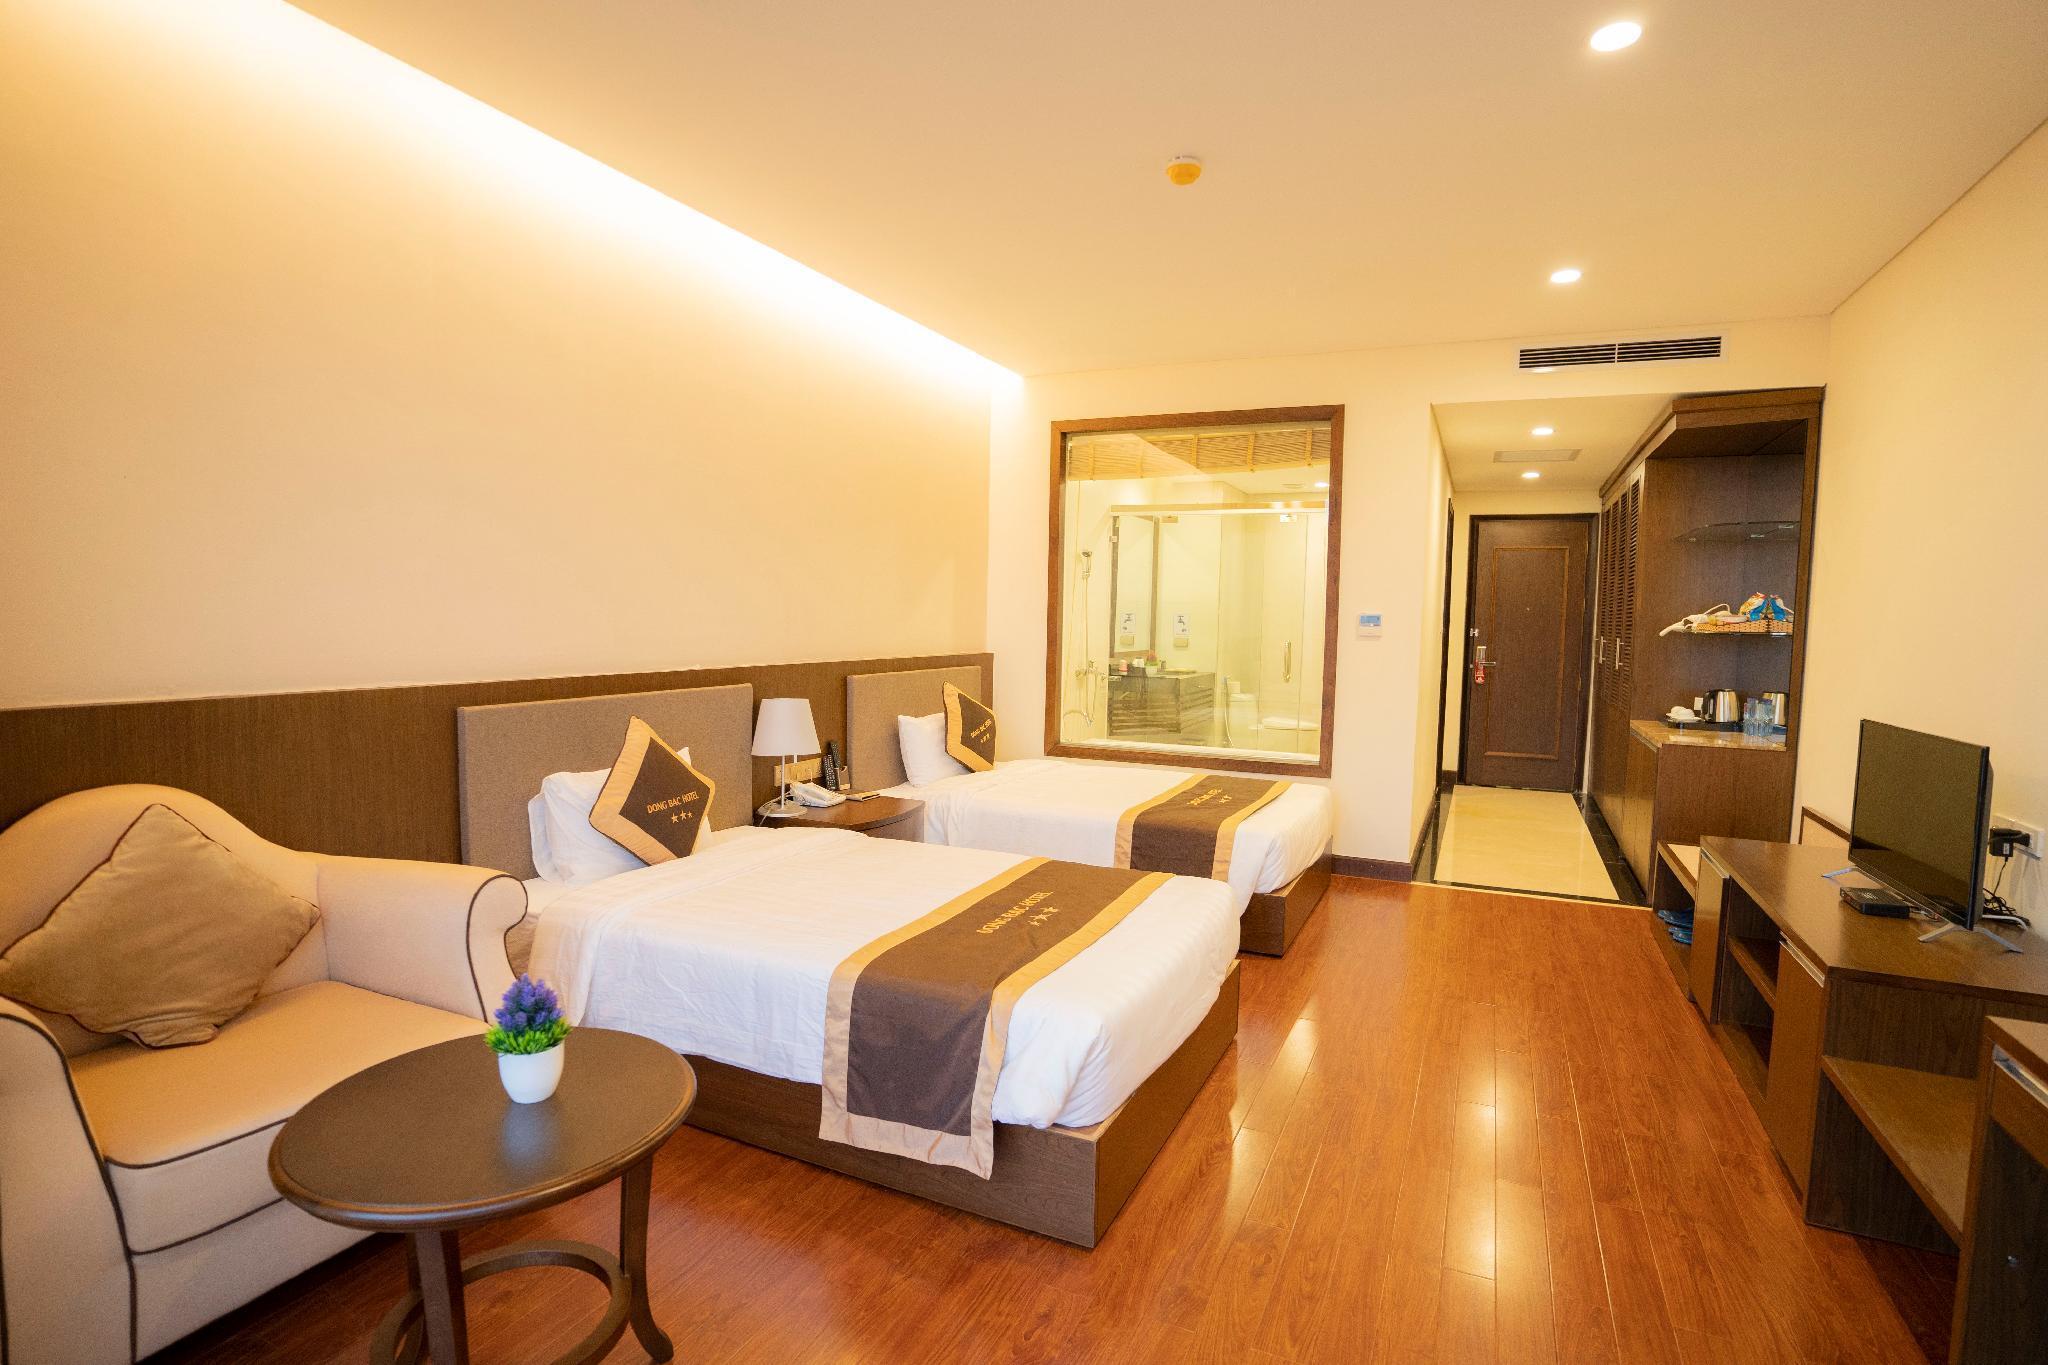 DONGBAC HOTEL, Móng Cái